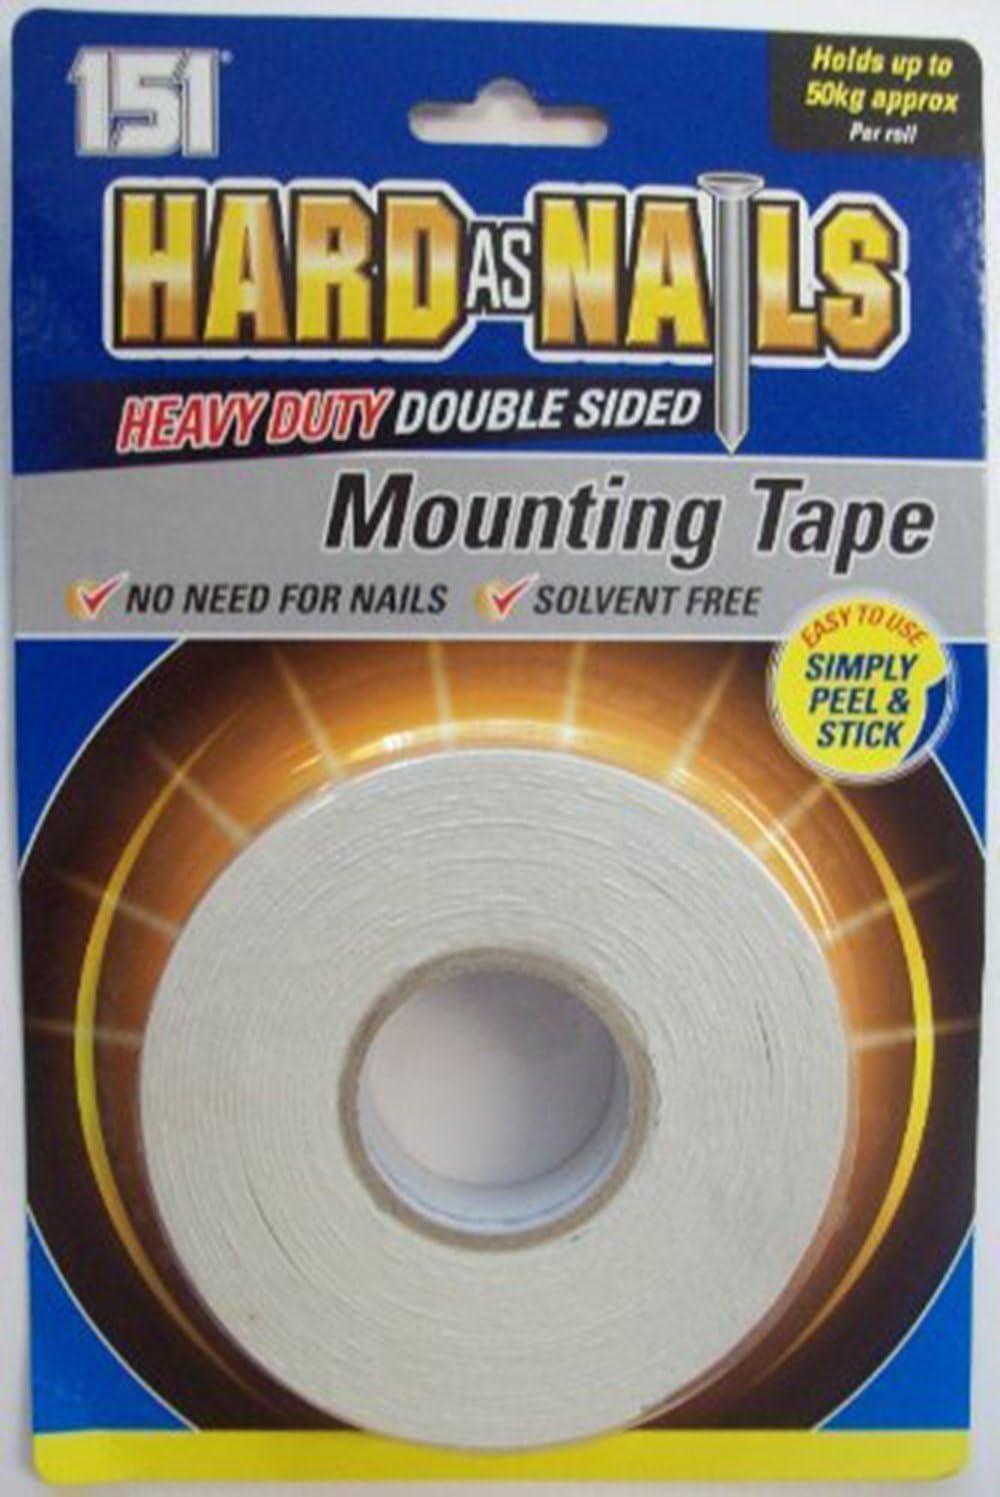 Duro Como clavos Heavy Duty cinta de montaje de doble cara–24mm x 5m